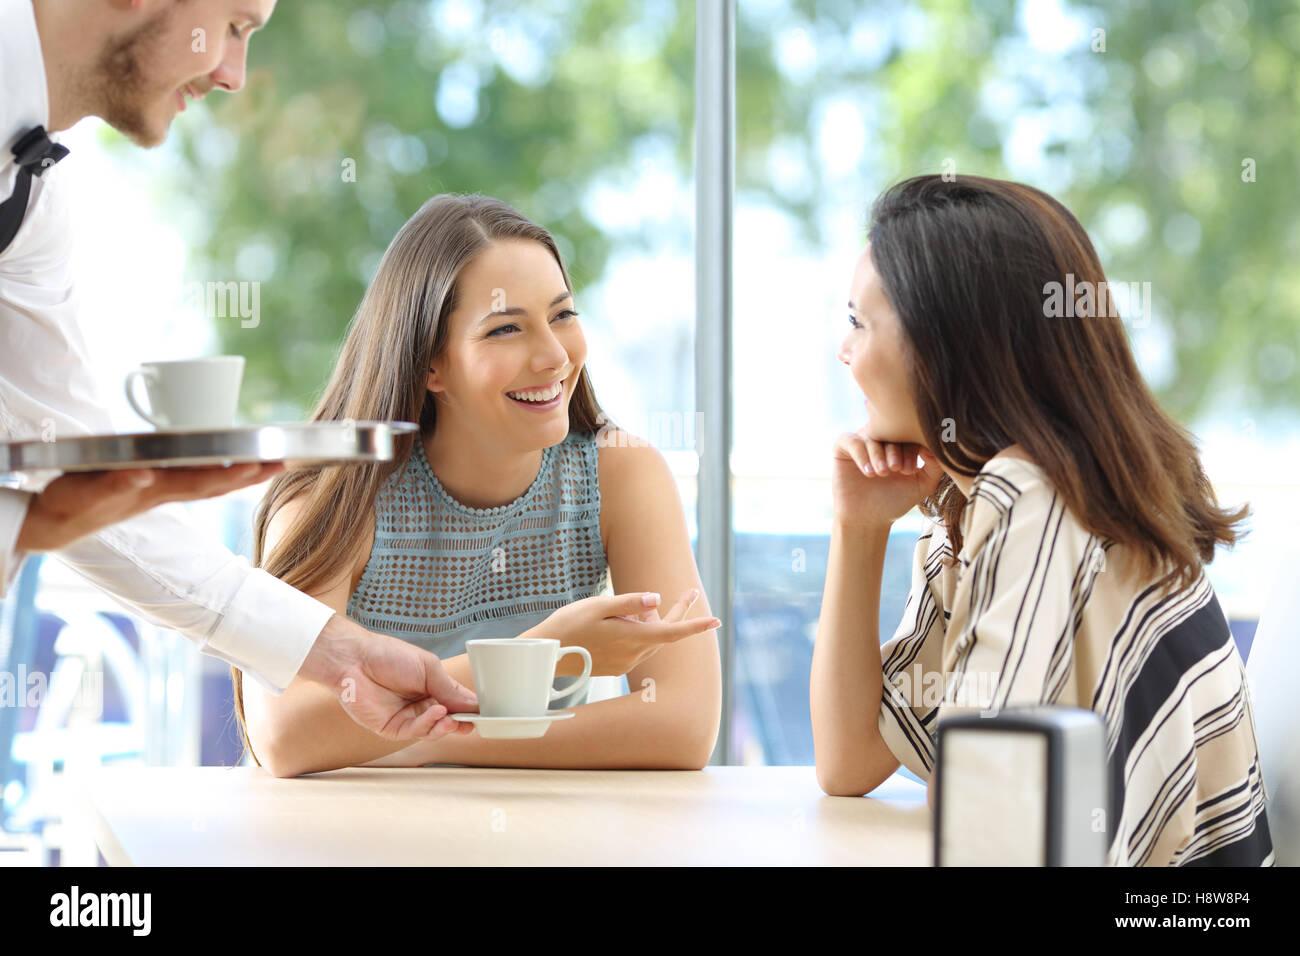 Felice di parlare di amici in cerca di ogni altra seduta al tavolo di un bar con il cameriere che serve le tazze Immagini Stock